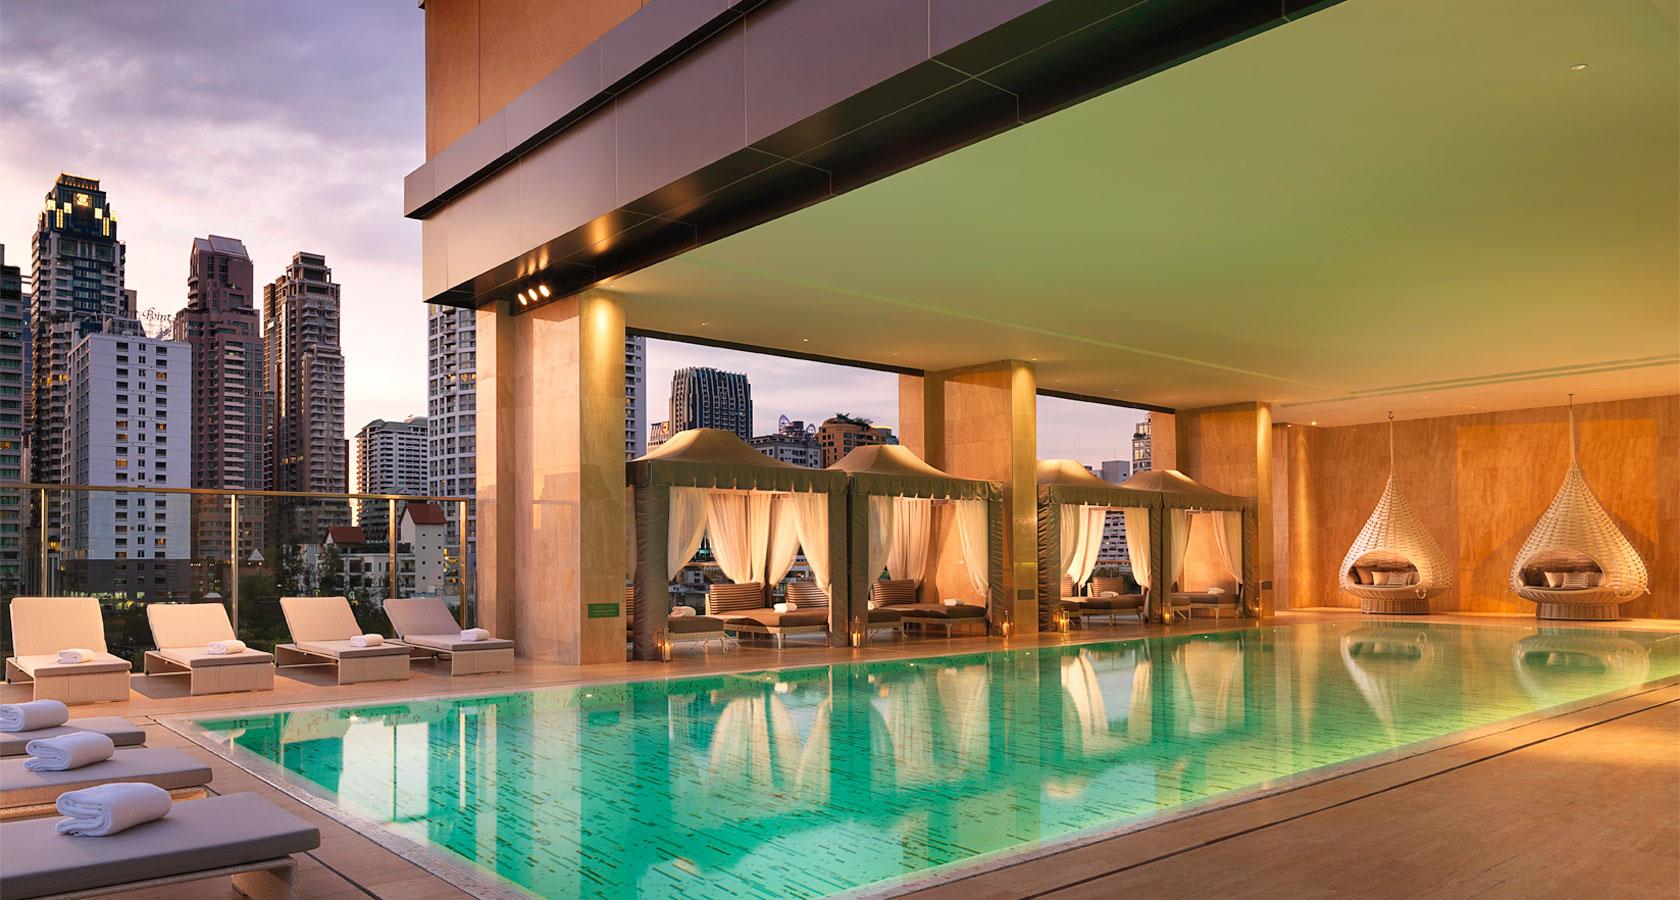 الفنادق المفضله في تايلاند